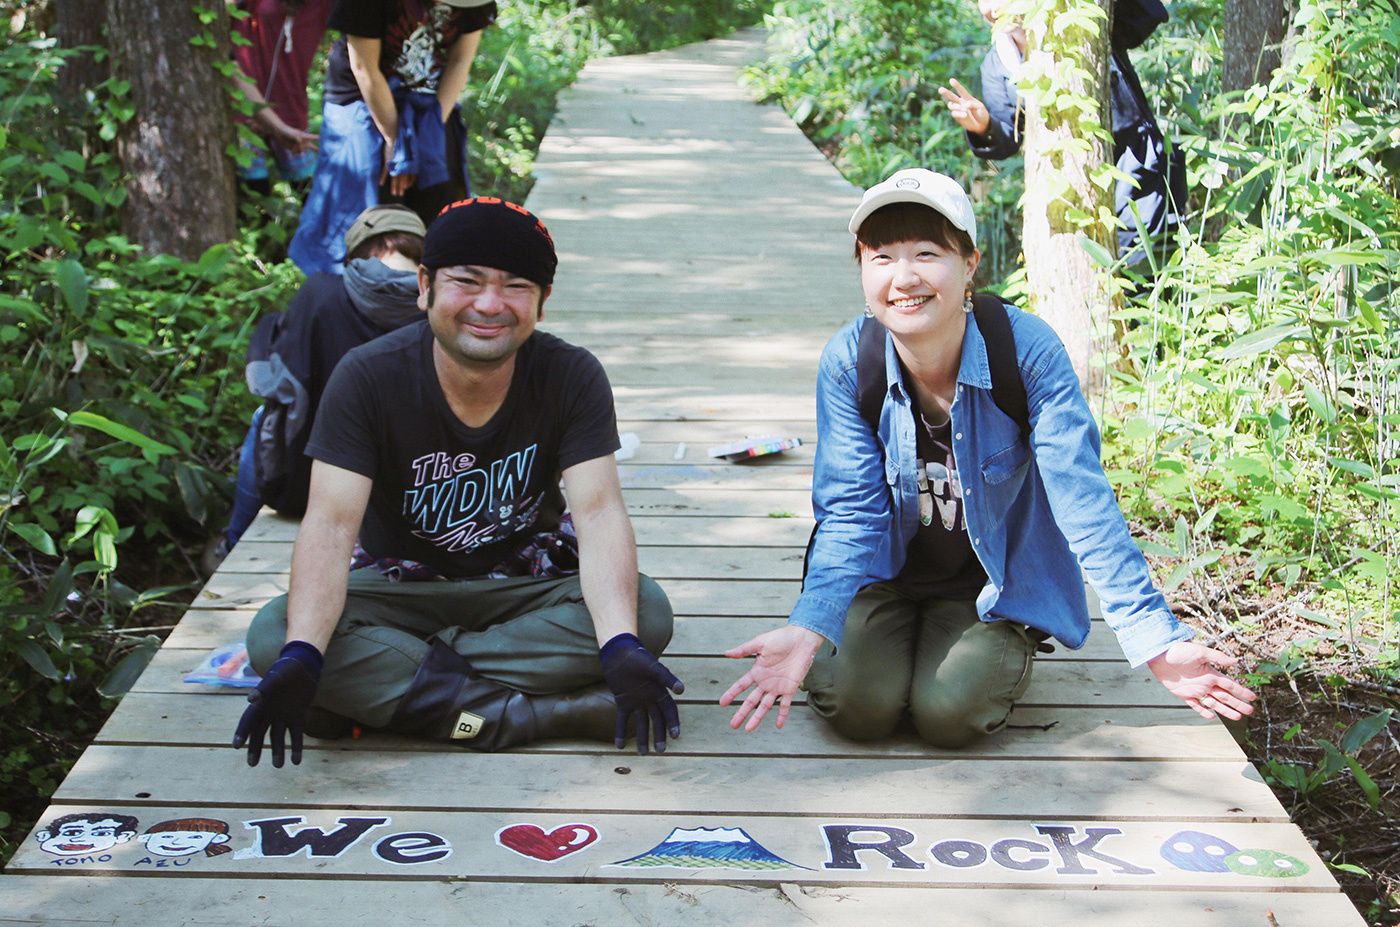 幸せそうな笑顔で撮影に応じてくれたお二人 Photo by Riho Kamimura